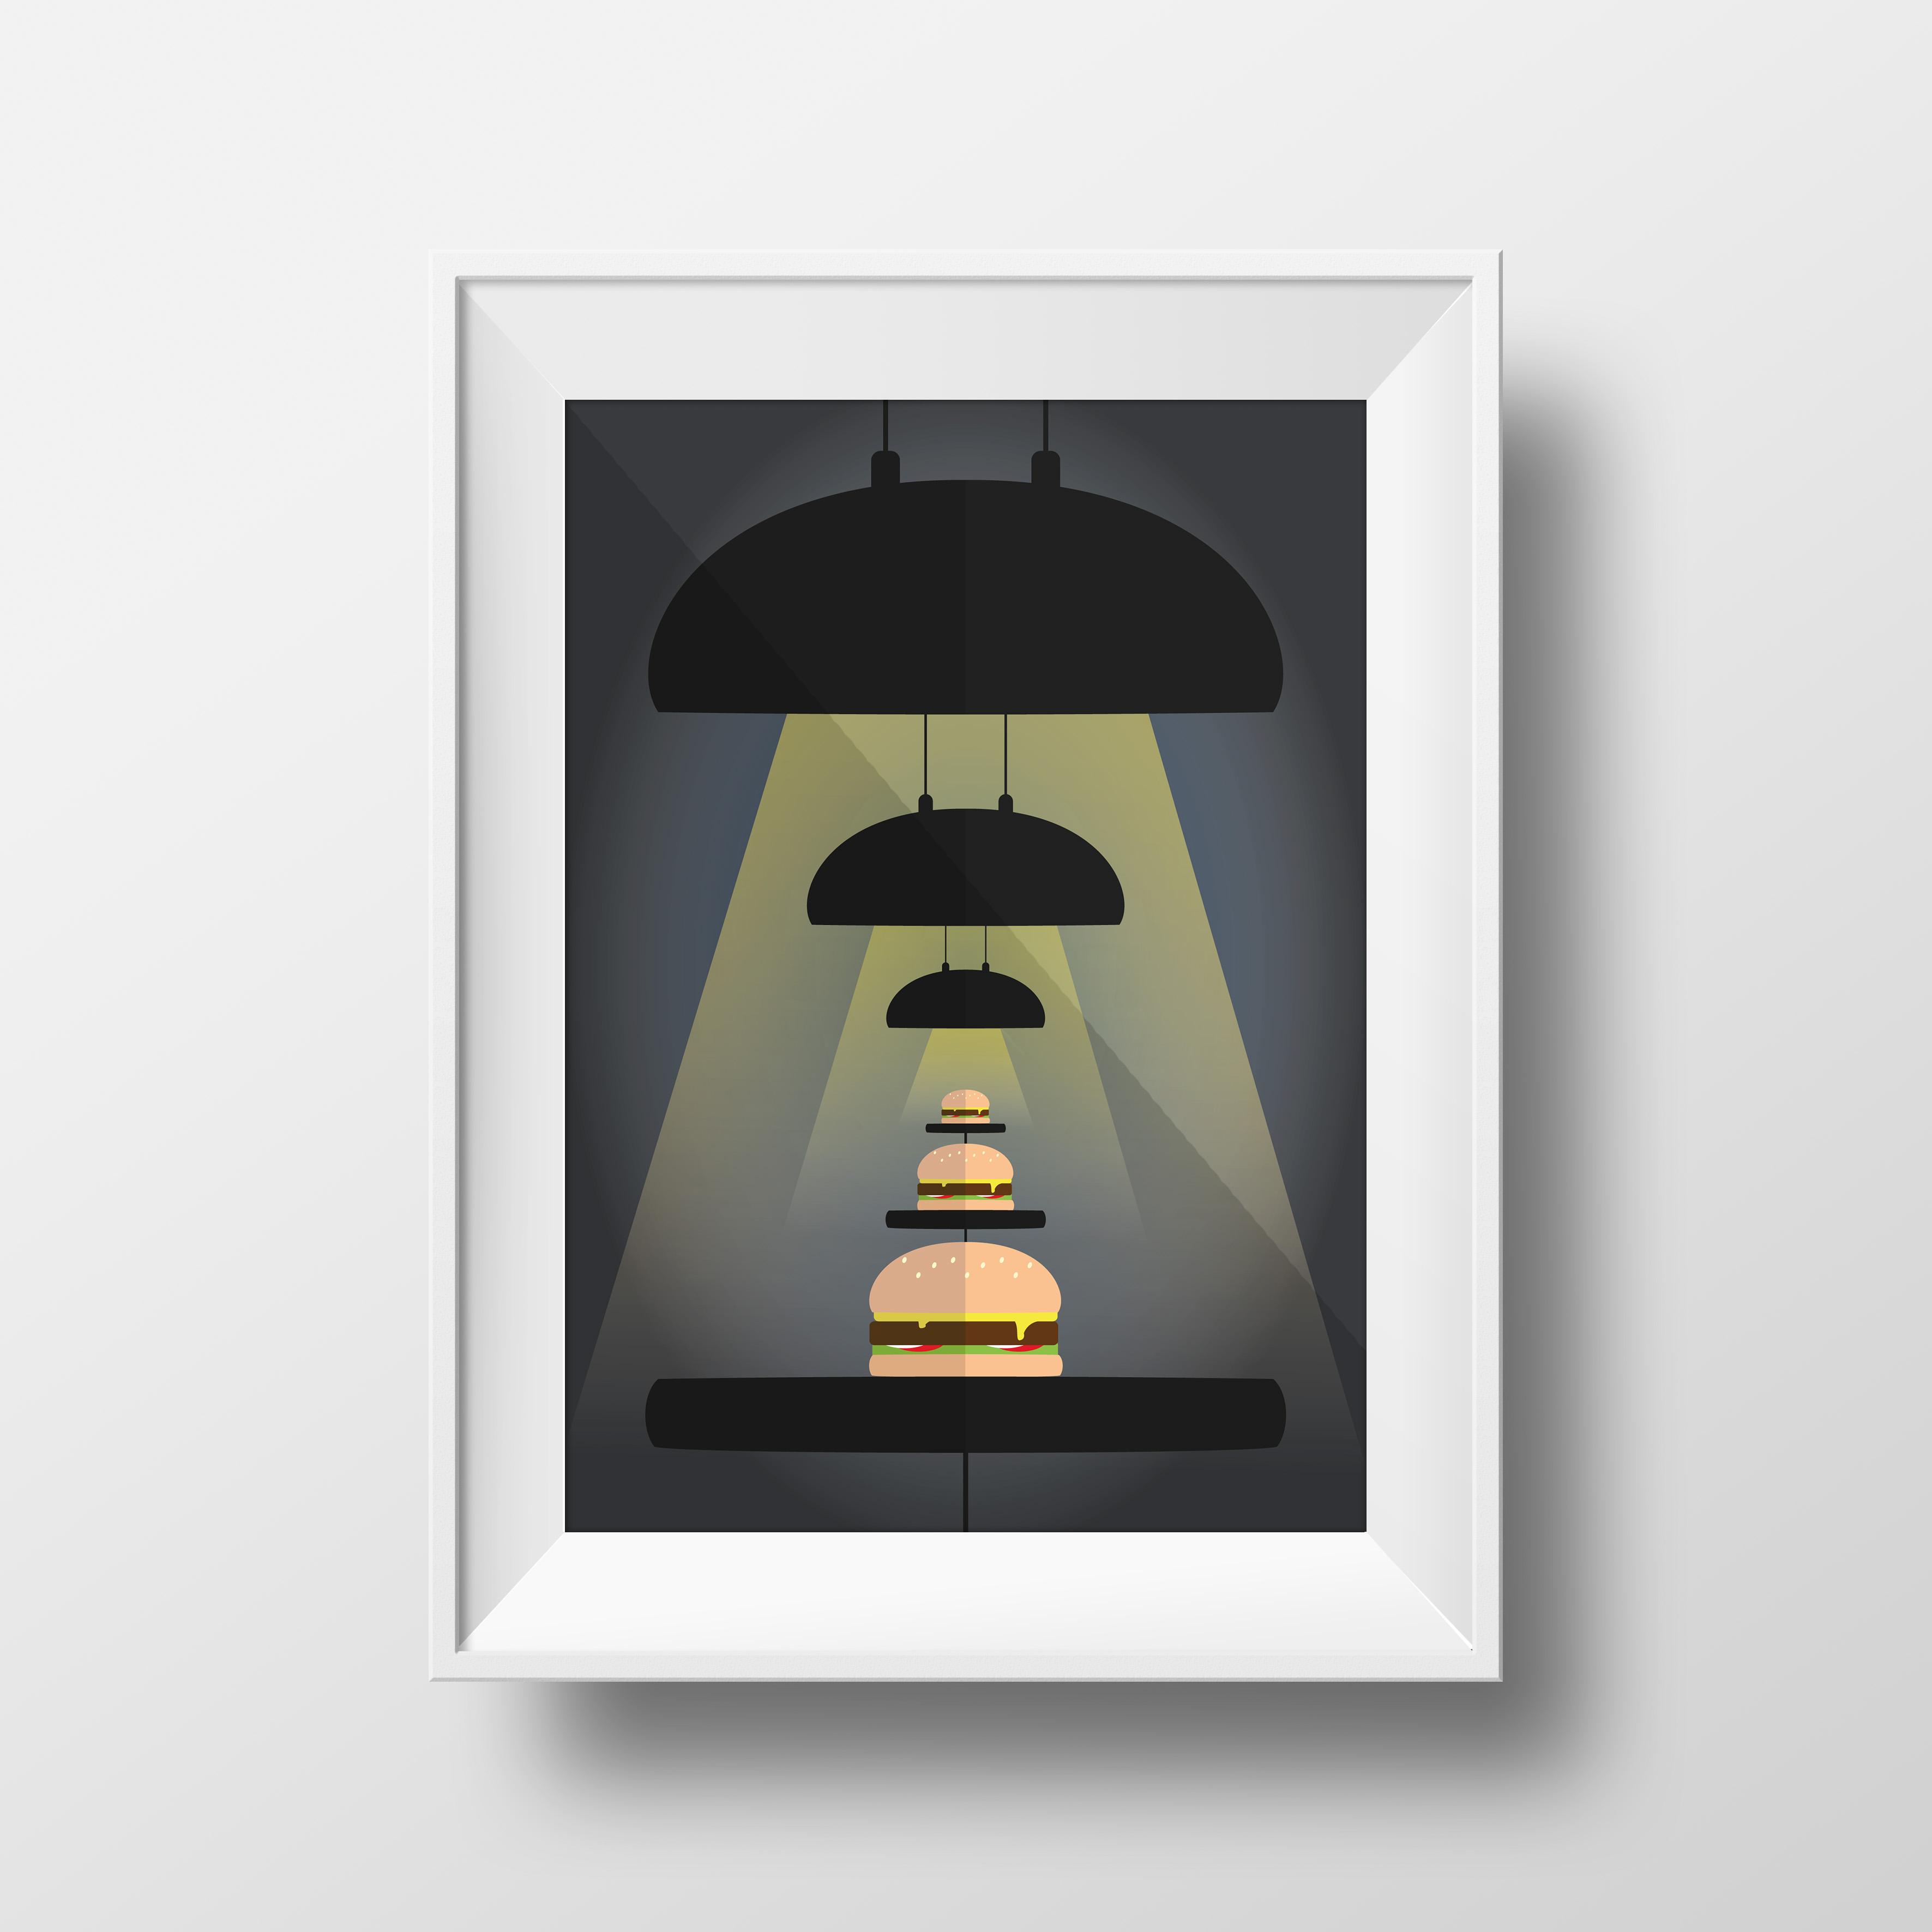 Burger Facts ZITRO Graphic Designer